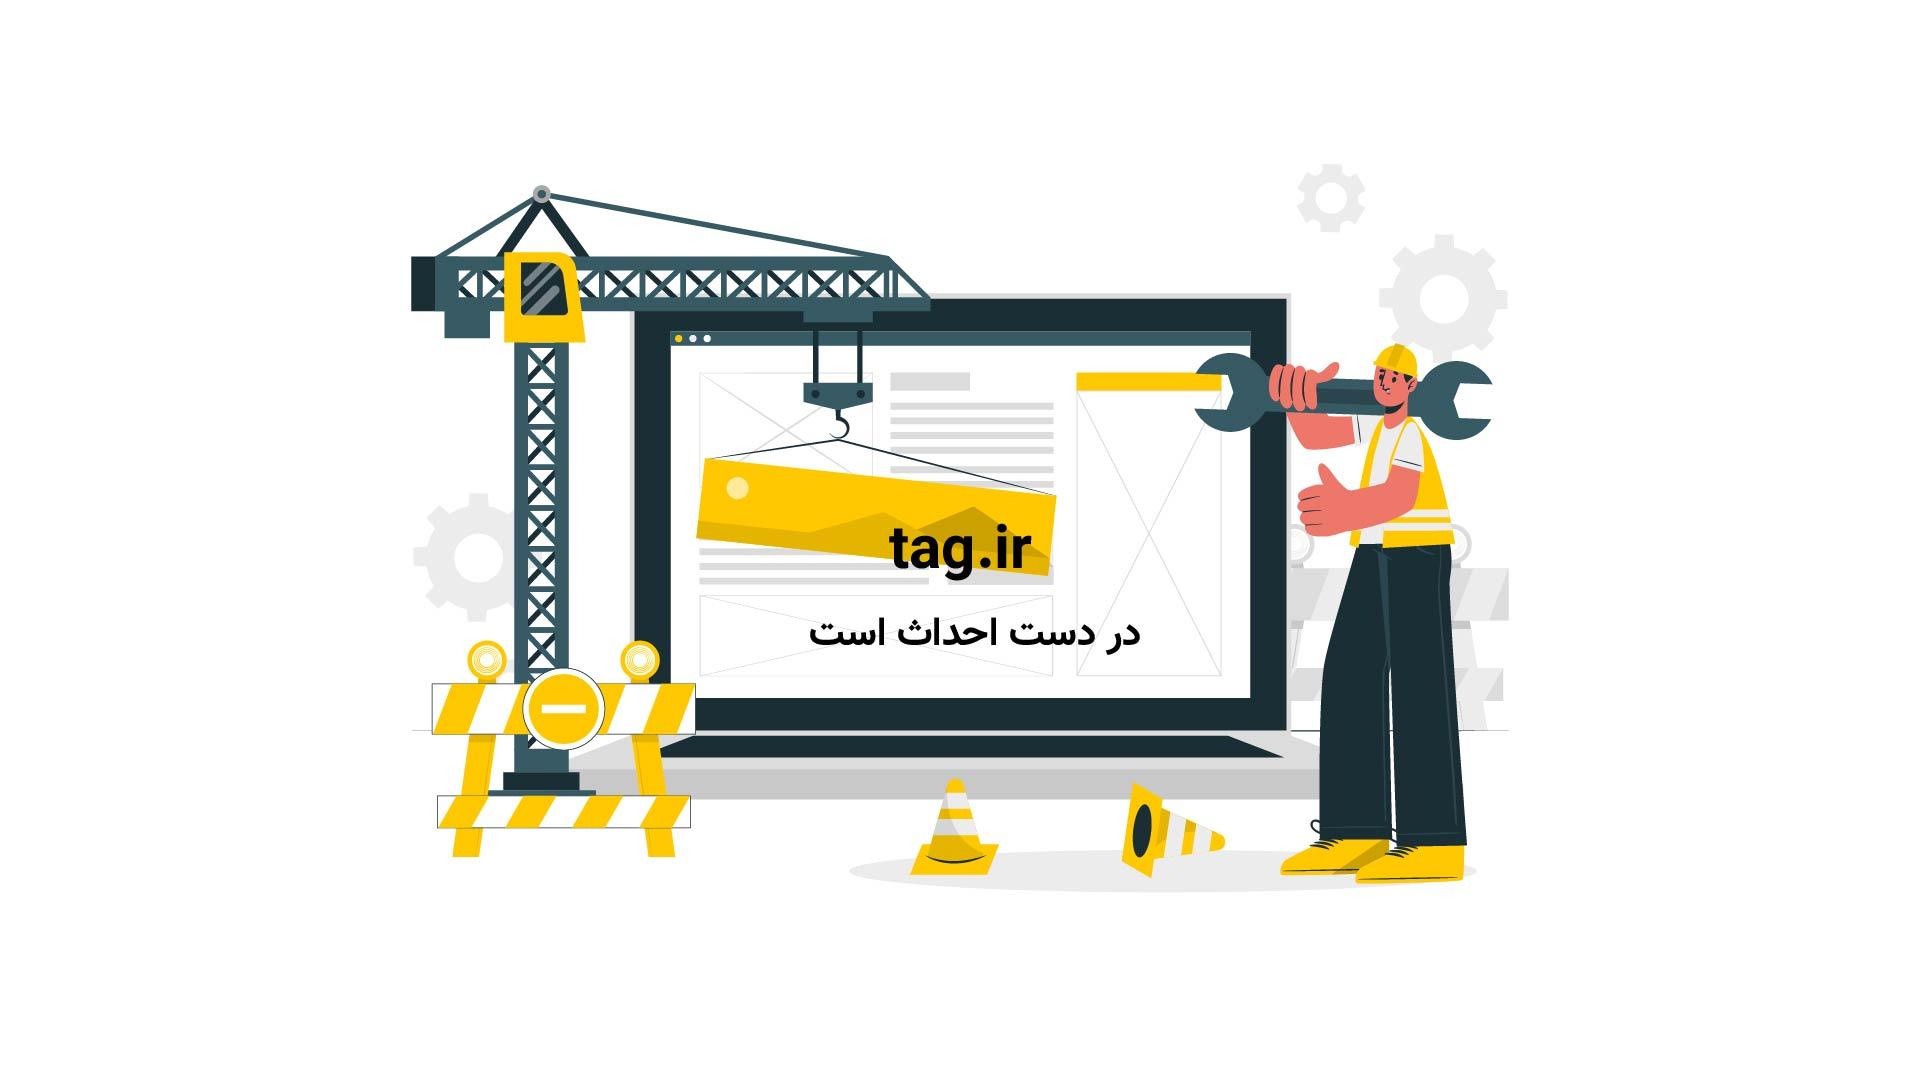 فیلم پرواز تروریست سوری بر اثر انفجار گلوله توپ